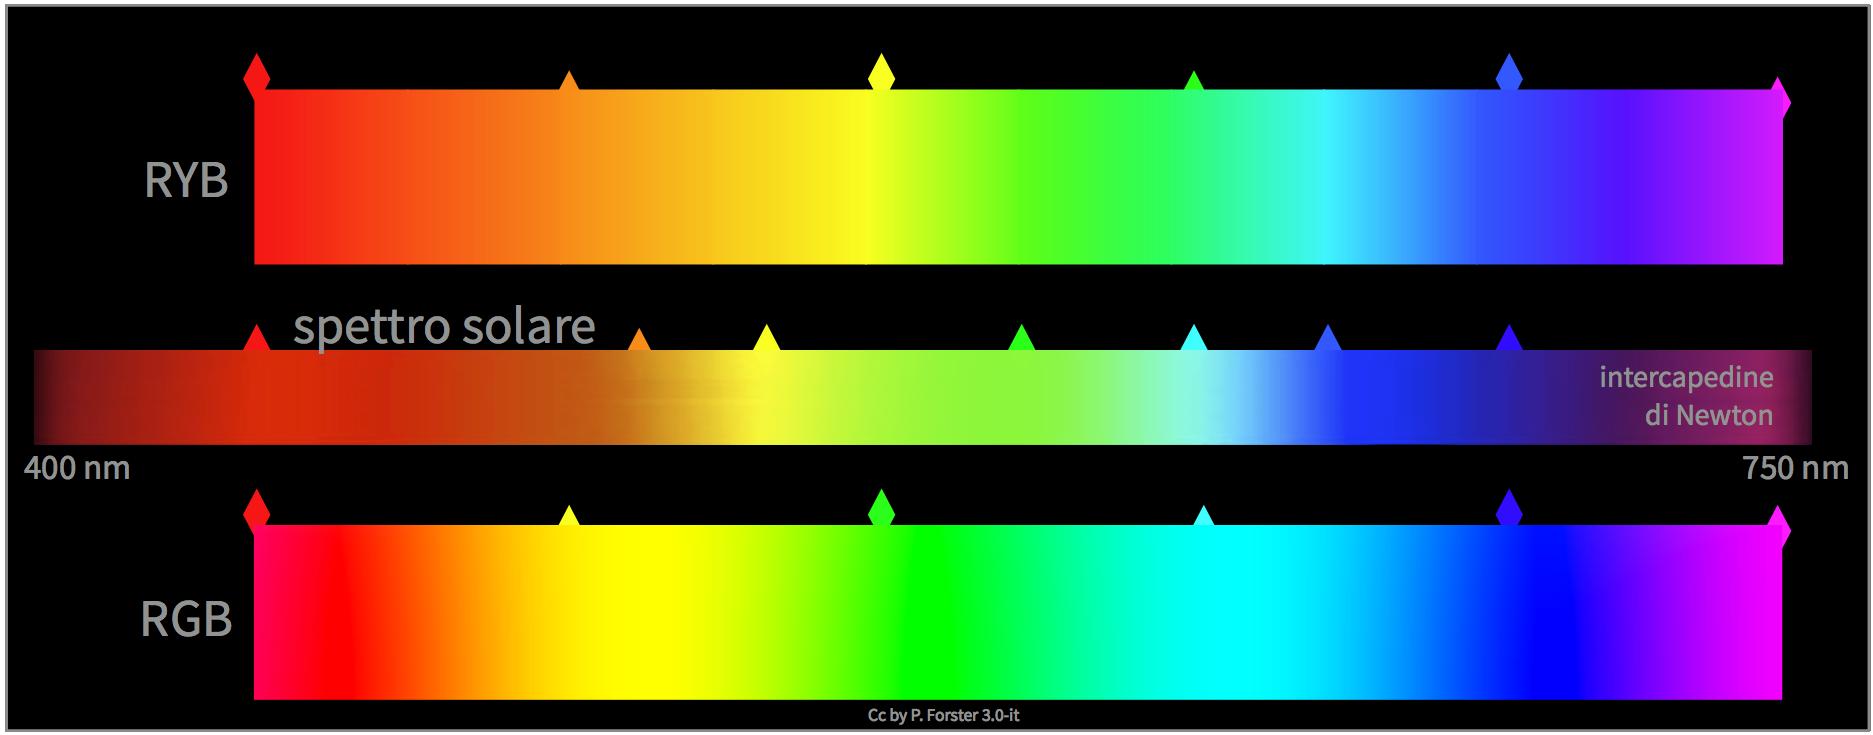 Colorcalc teorie quantificate sul colore - Scale di colore ...